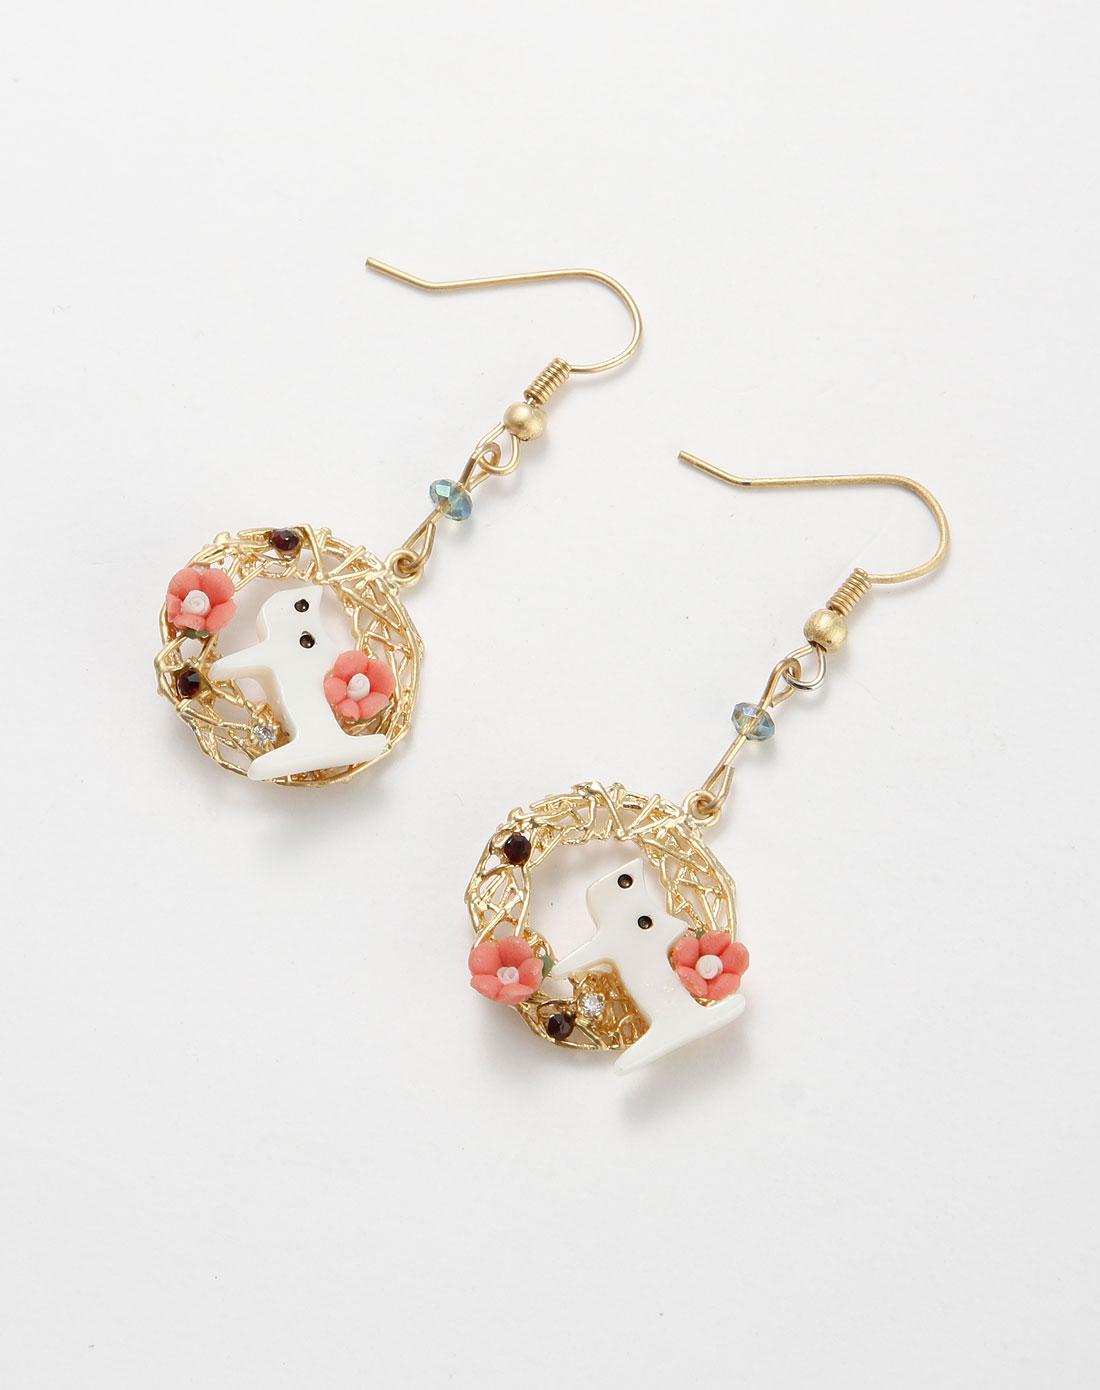 金/彩色可爱小猫耳环